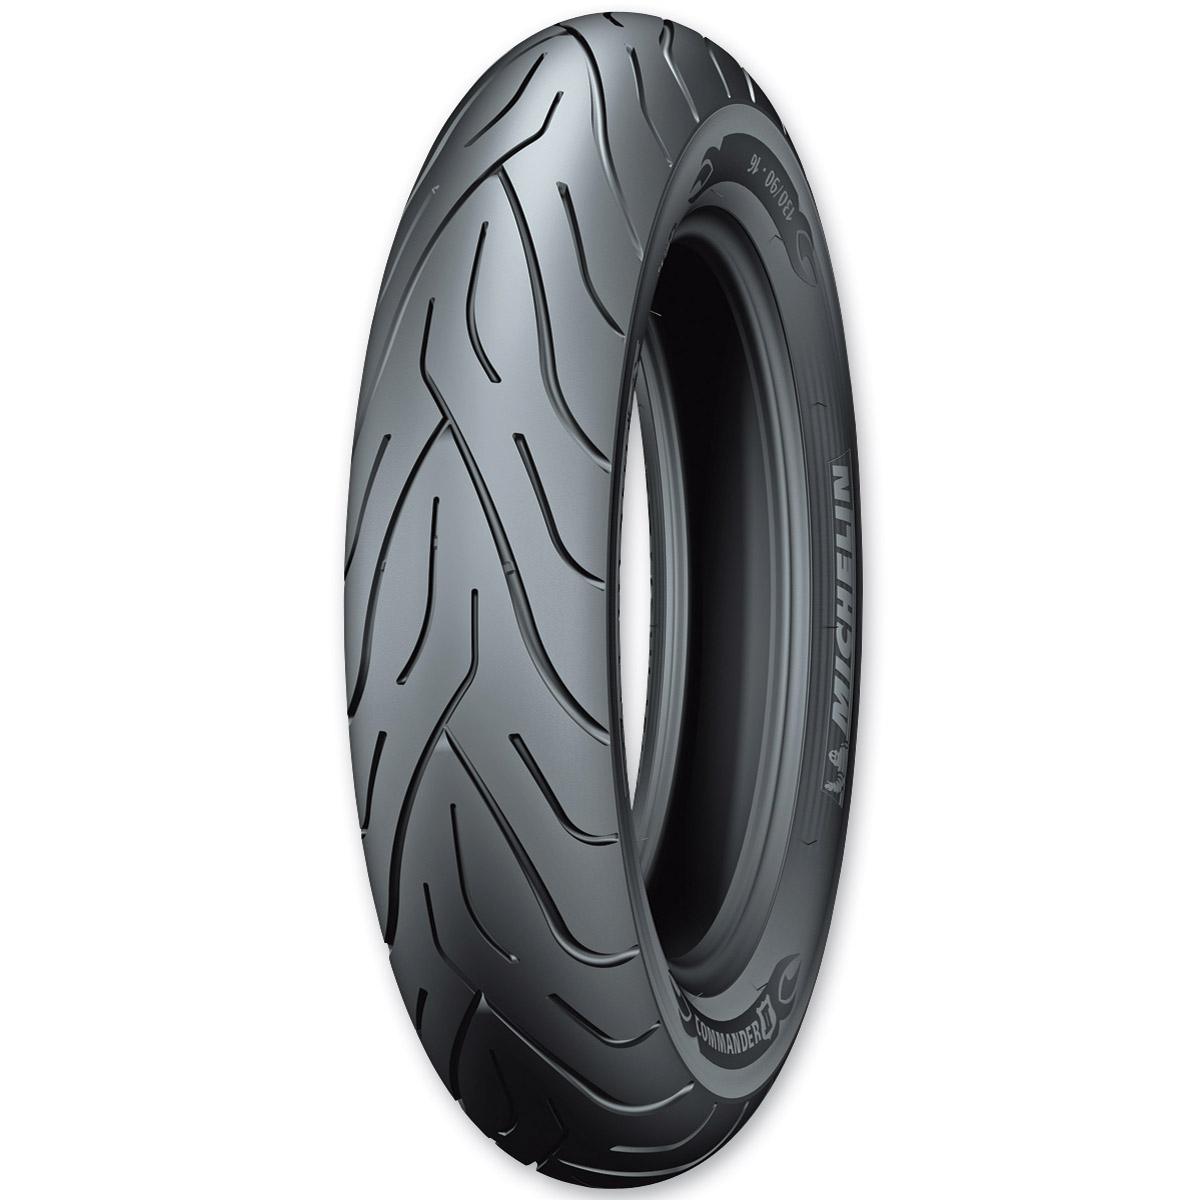 Michelin Commander II 80/90B21 Front Tire